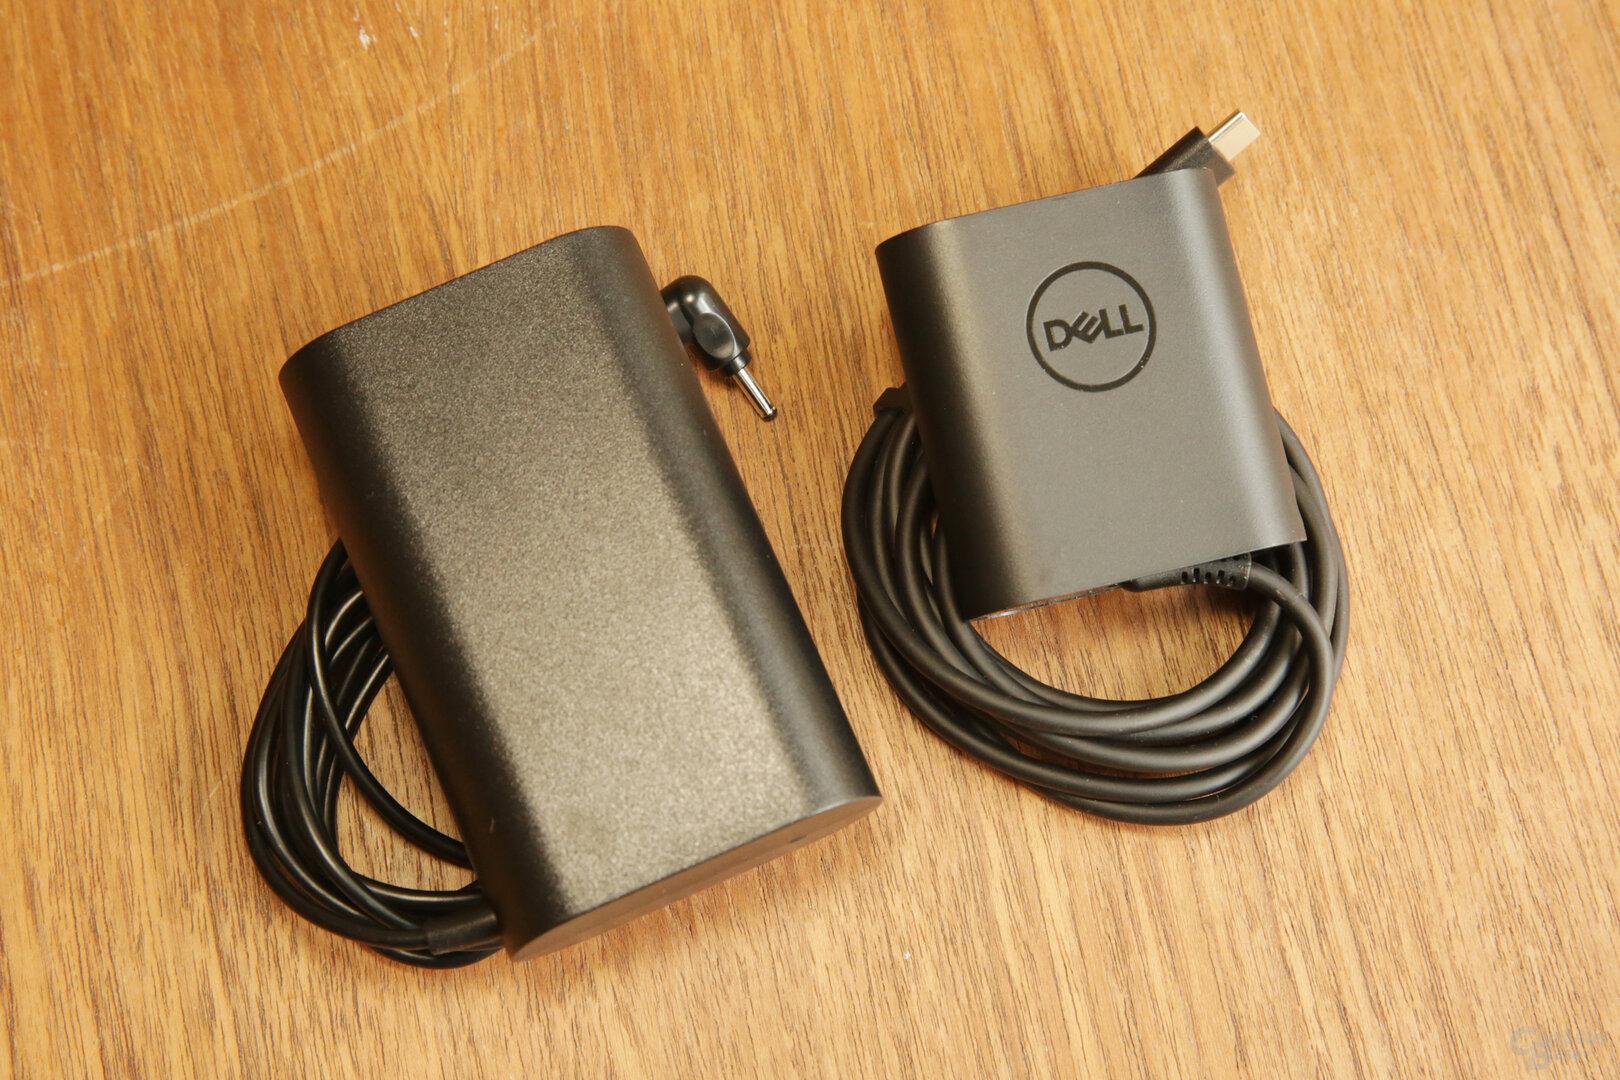 48-Watt-Netzteil von LG (l.) gegen 45Watt von Dell